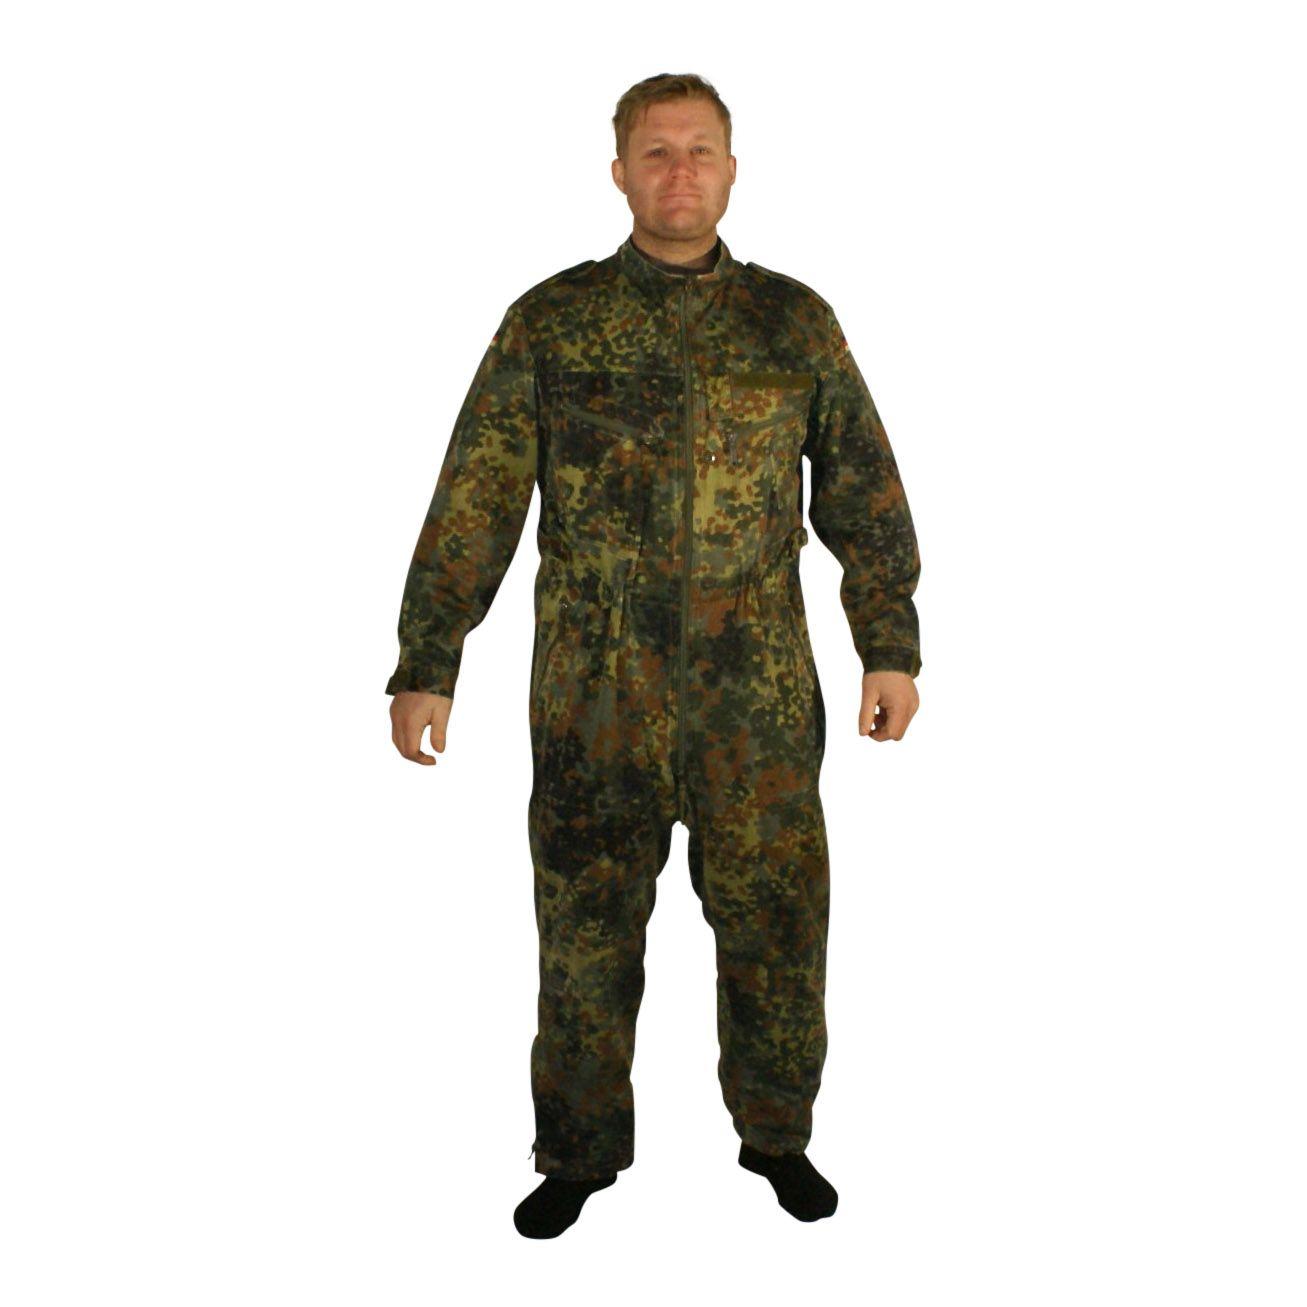 641bd84c9ba Kedeldragt, Tysk Militær, flecktarn camouflage, brugt